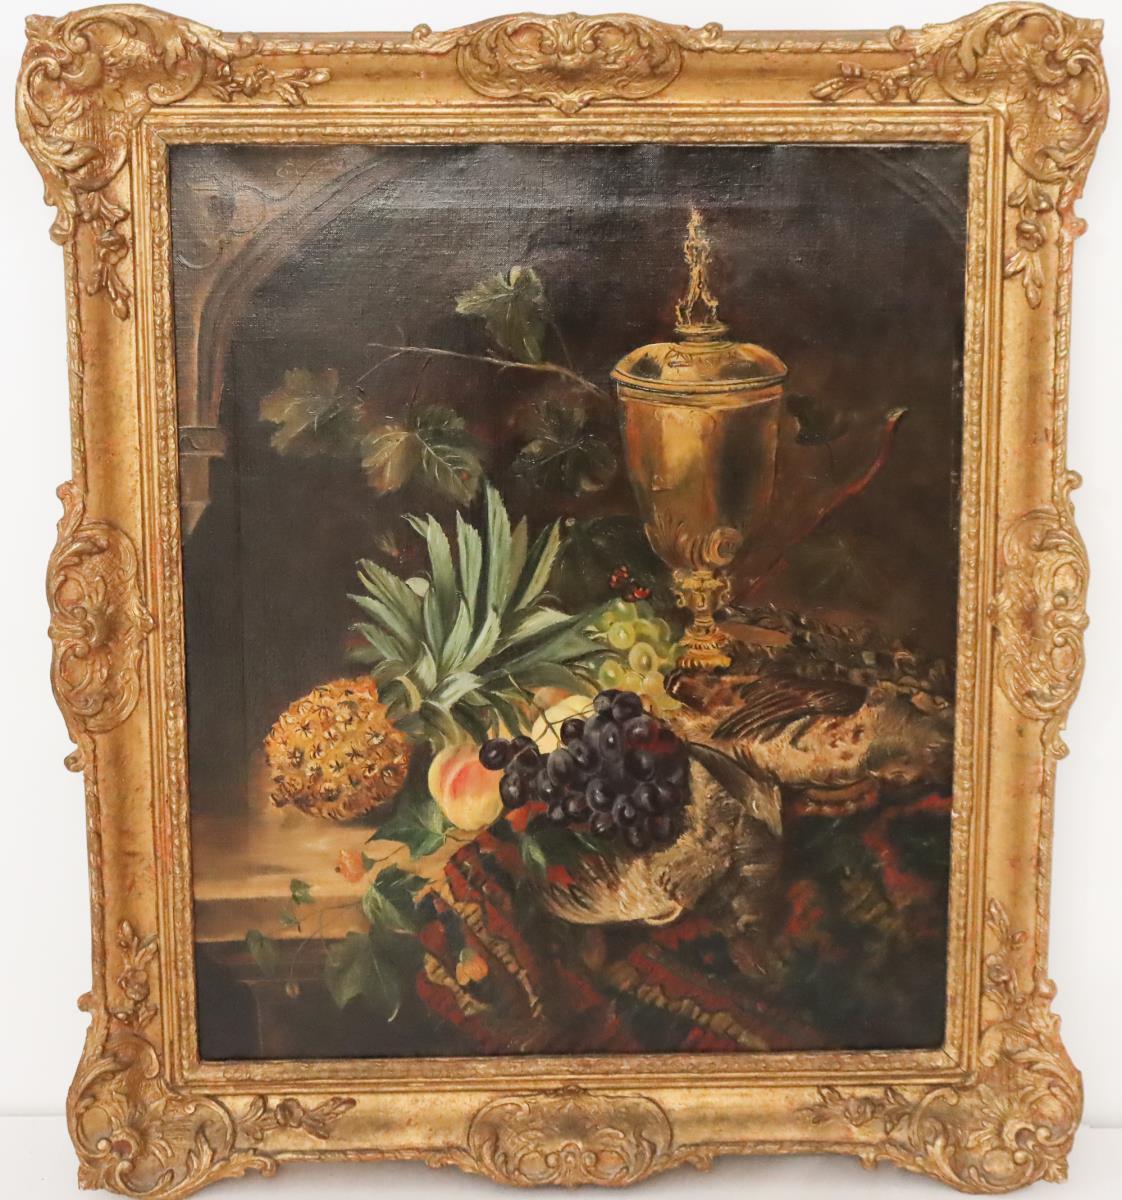 William Hughes (1842 - 1901) UK, Oil on Canvas